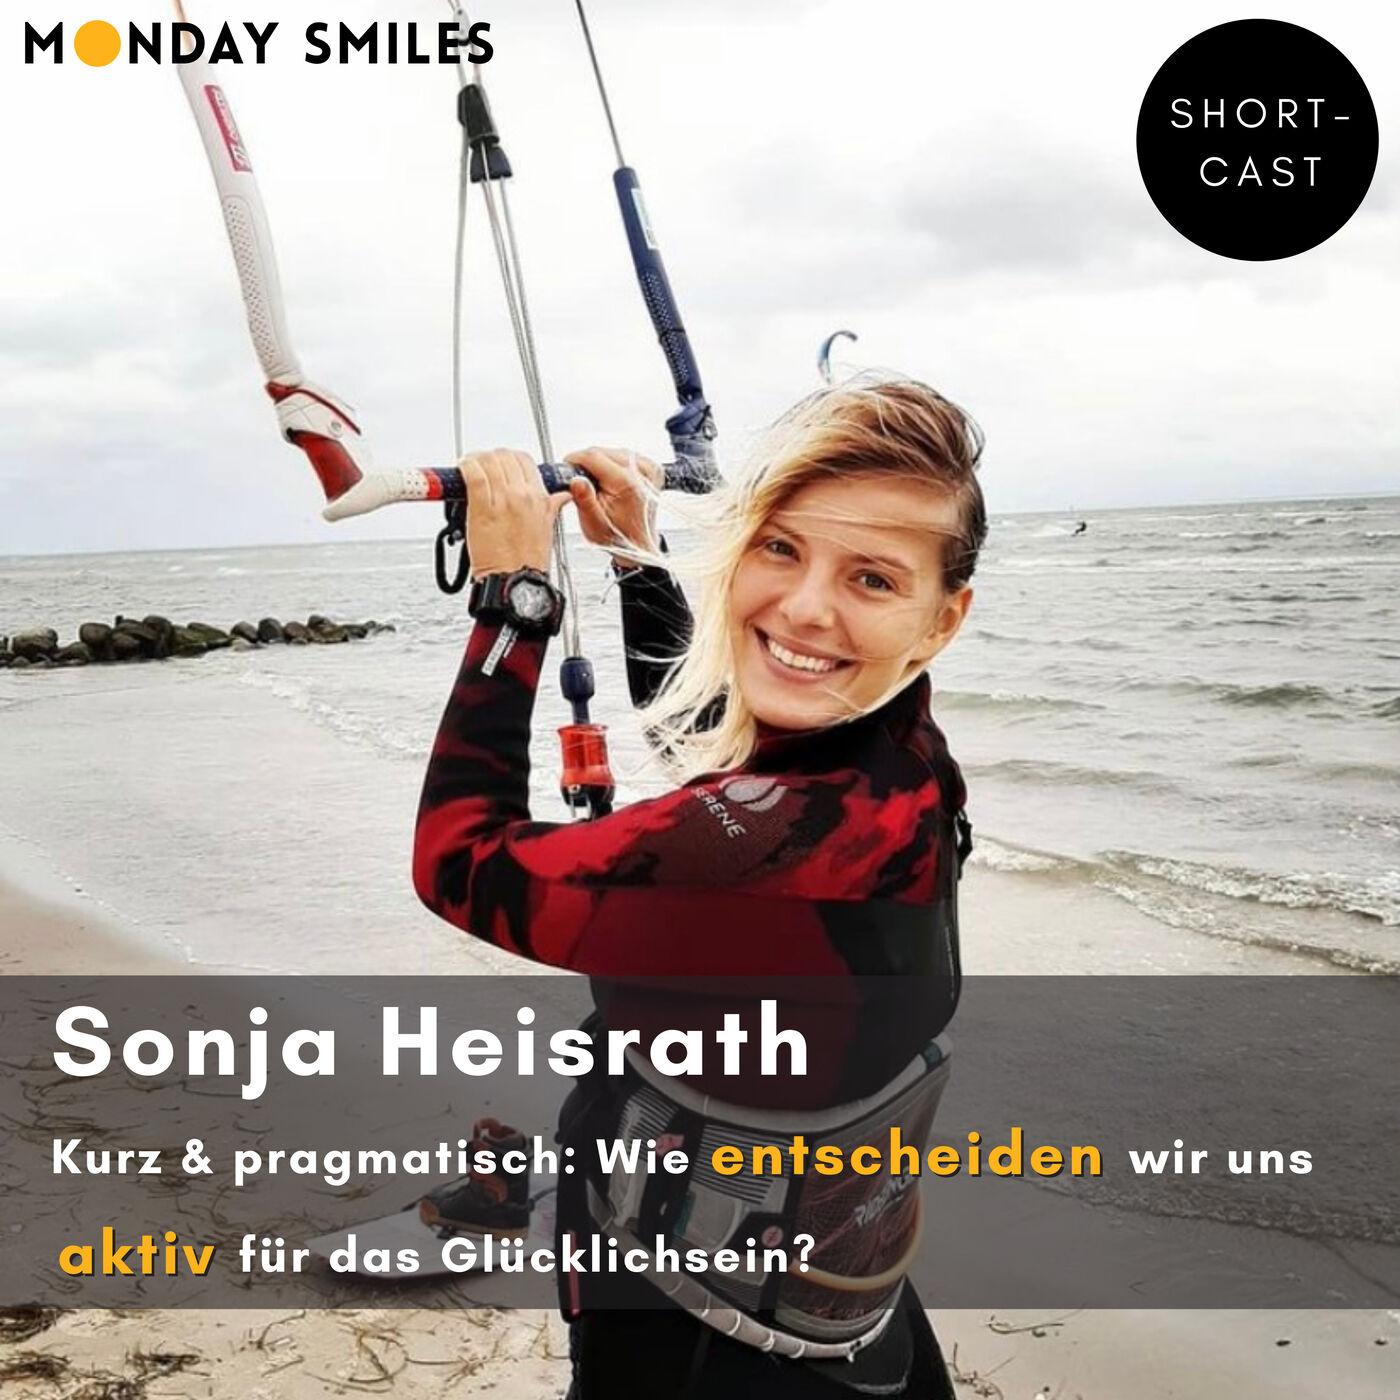 11 - Shortcast: Sonja, wie entscheiden wir uns aktiv für das Glücklichsein?